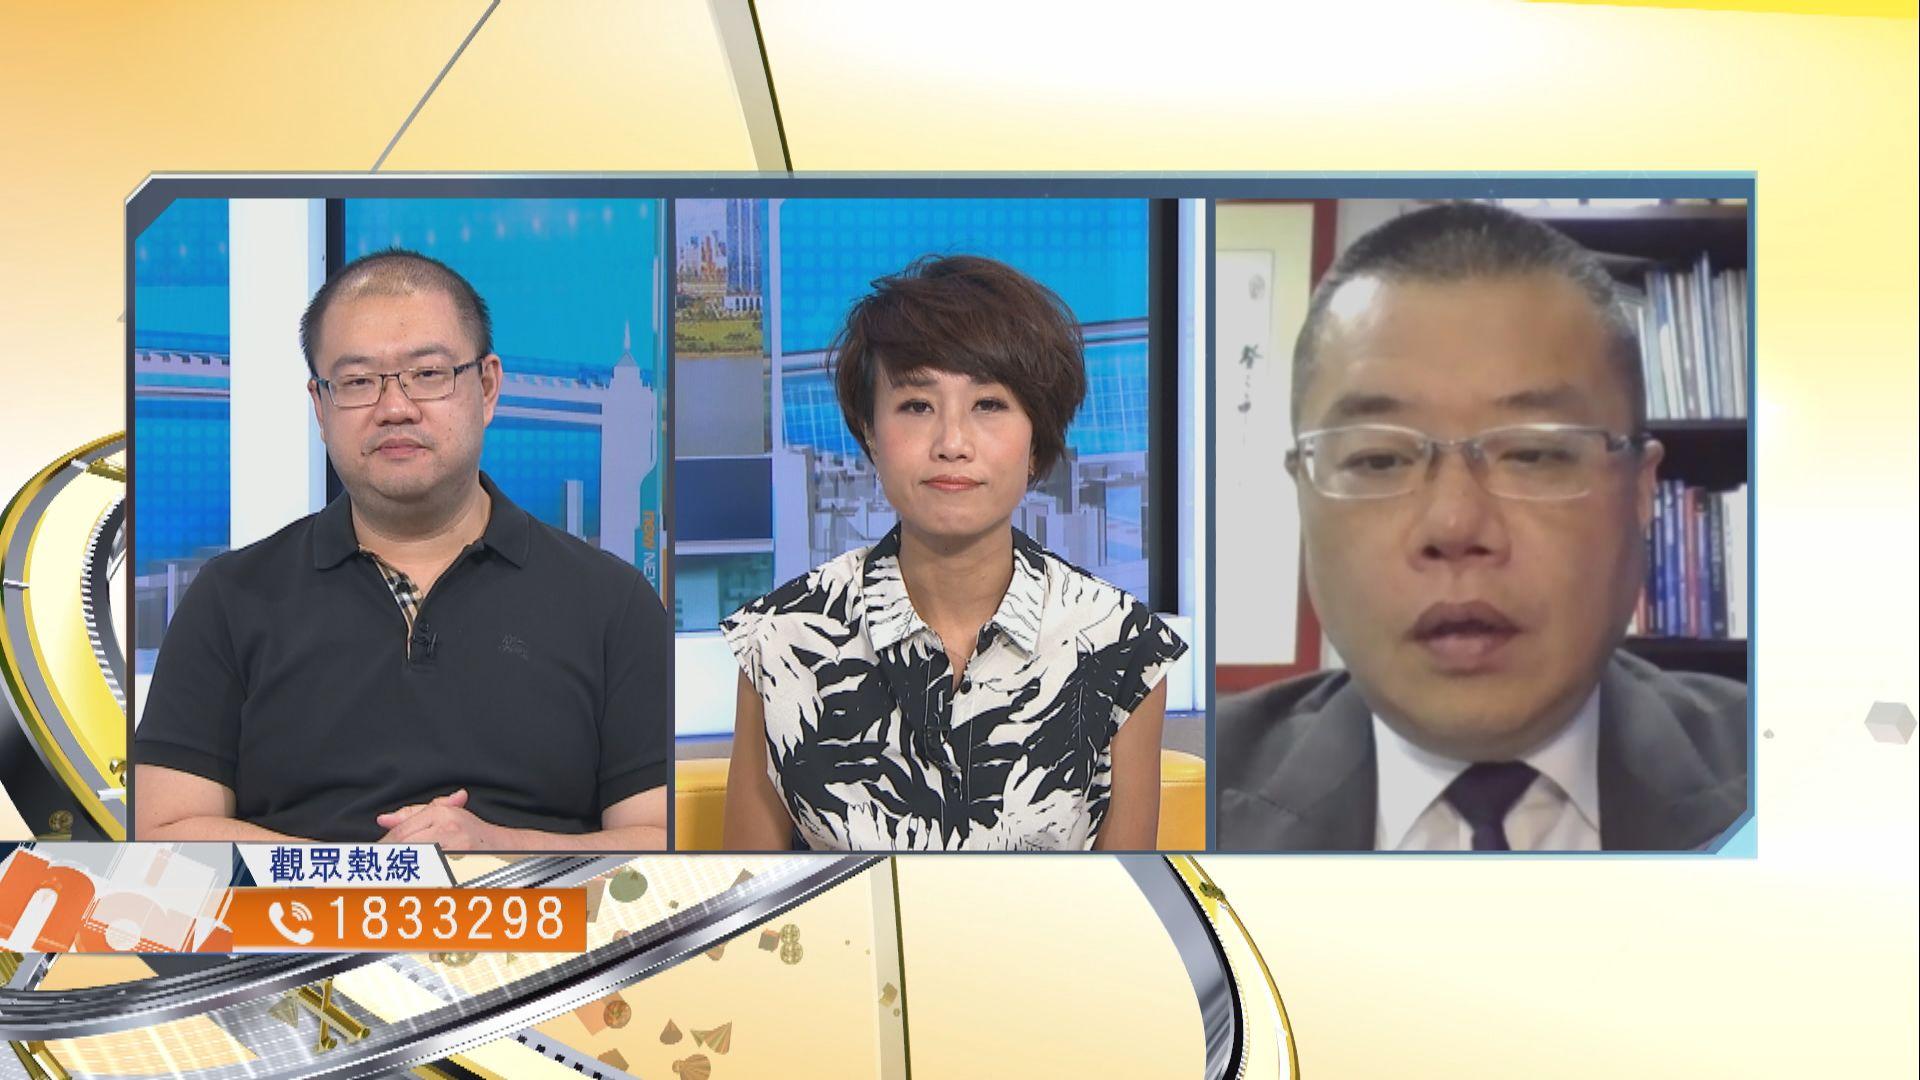 【時事全方位】本港如何把握前海擴區改革機遇?(一)